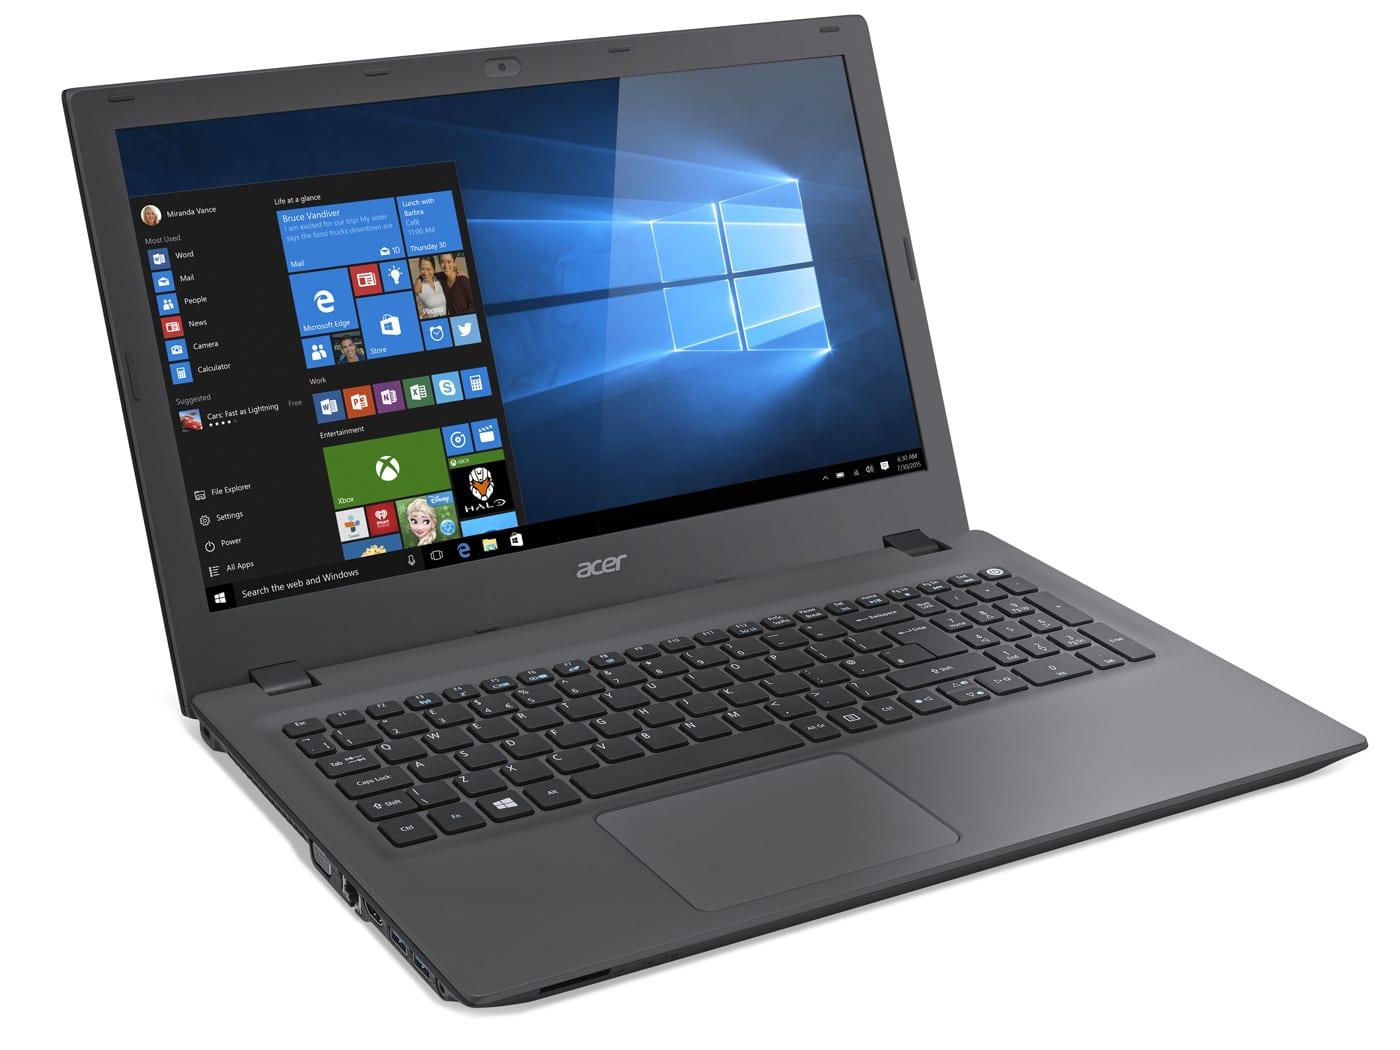 """<span class=""""toptagtitre"""">Promo 369€ ! </span>Acer Aspire E5-532G-P9UL, PC portable 15 pouces pas cher 920M"""